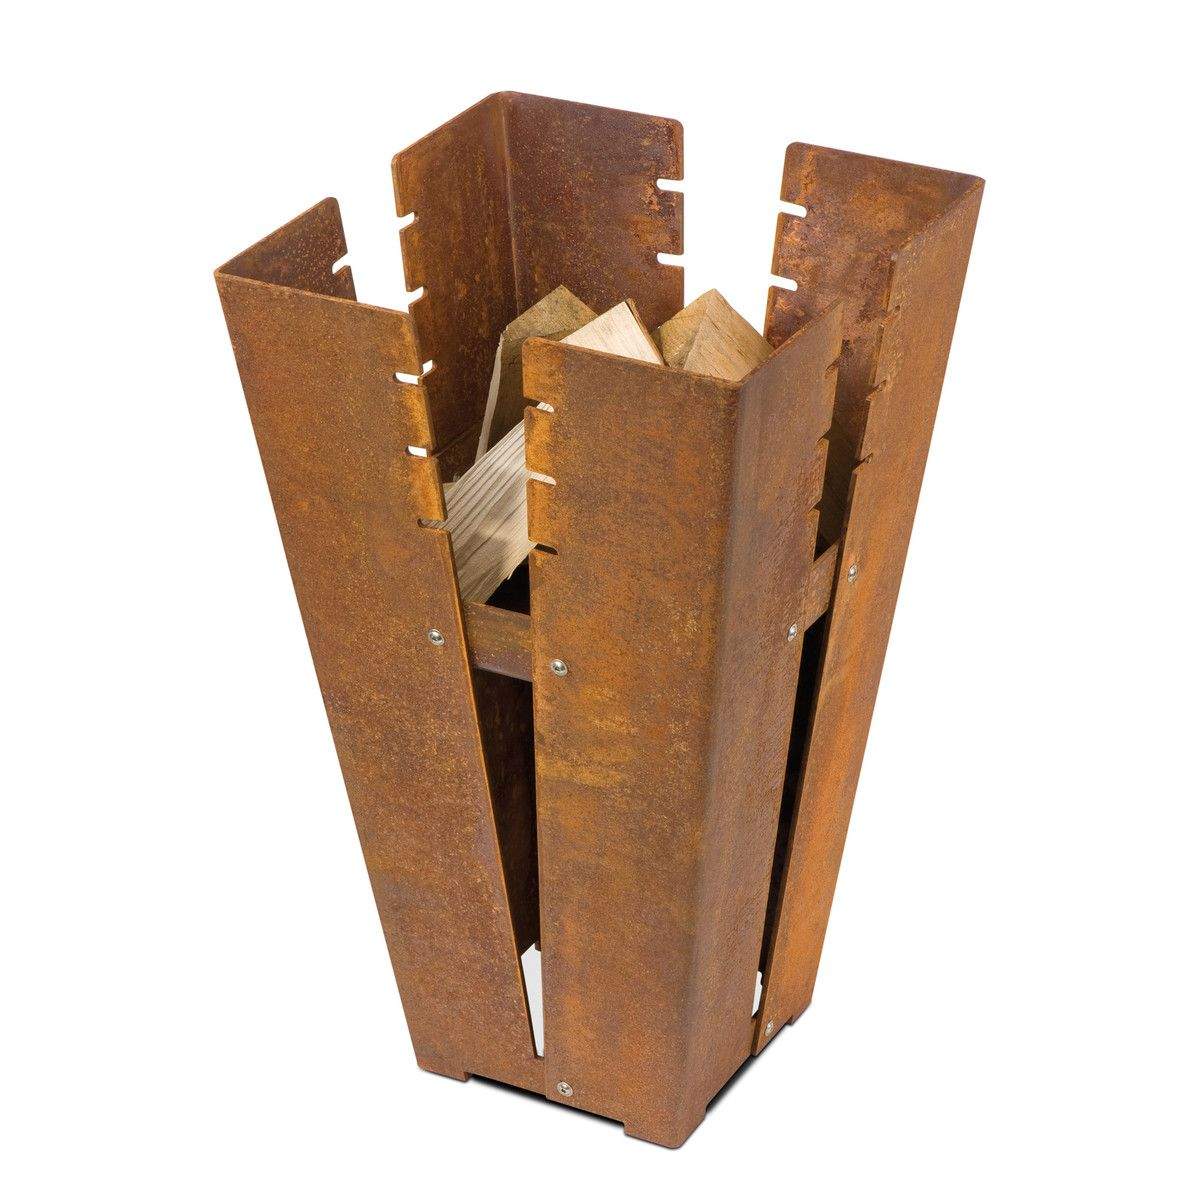 keilbach design fuji feuerstelle feuerkorb feuerstellen und kunst aus metall. Black Bedroom Furniture Sets. Home Design Ideas